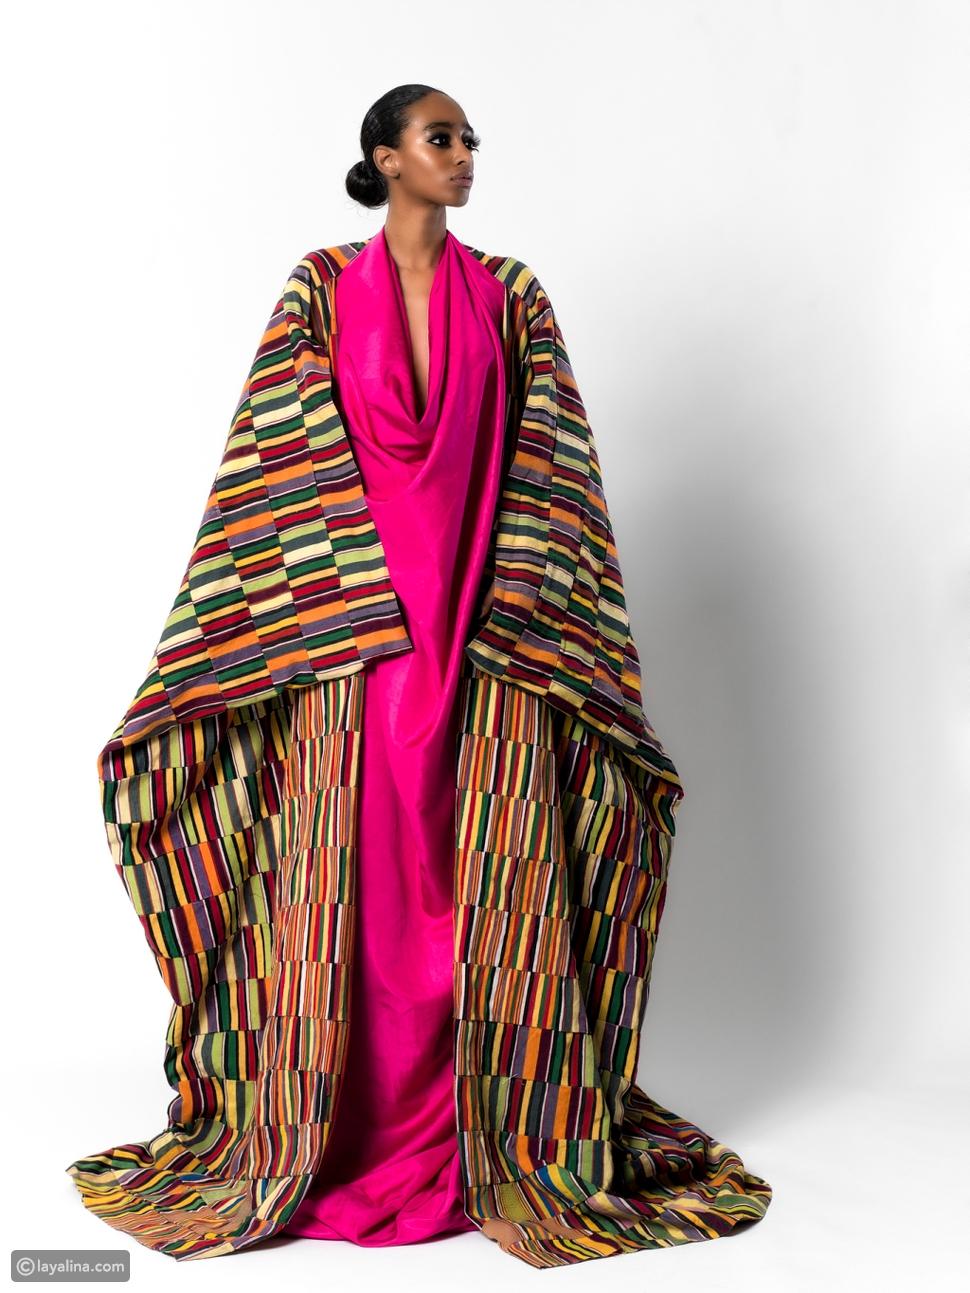 مجموعة أزياءImane Ayissi للأزياء الراقية